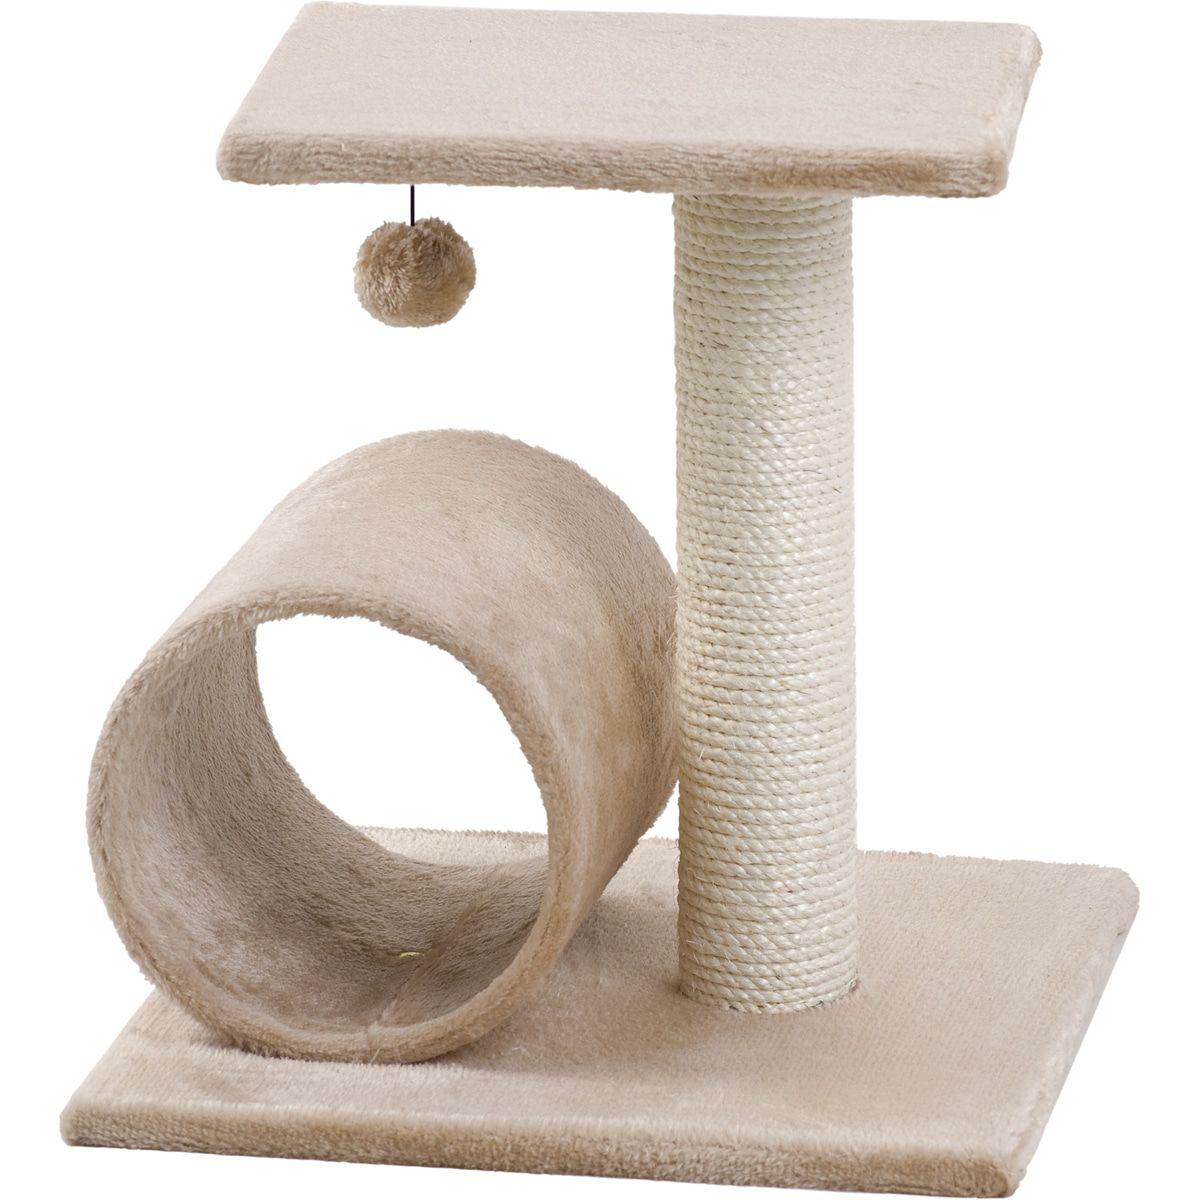 Krabpaal-Triolet-Beige-38-x-38-x-40-cm-Flamingo-Beige